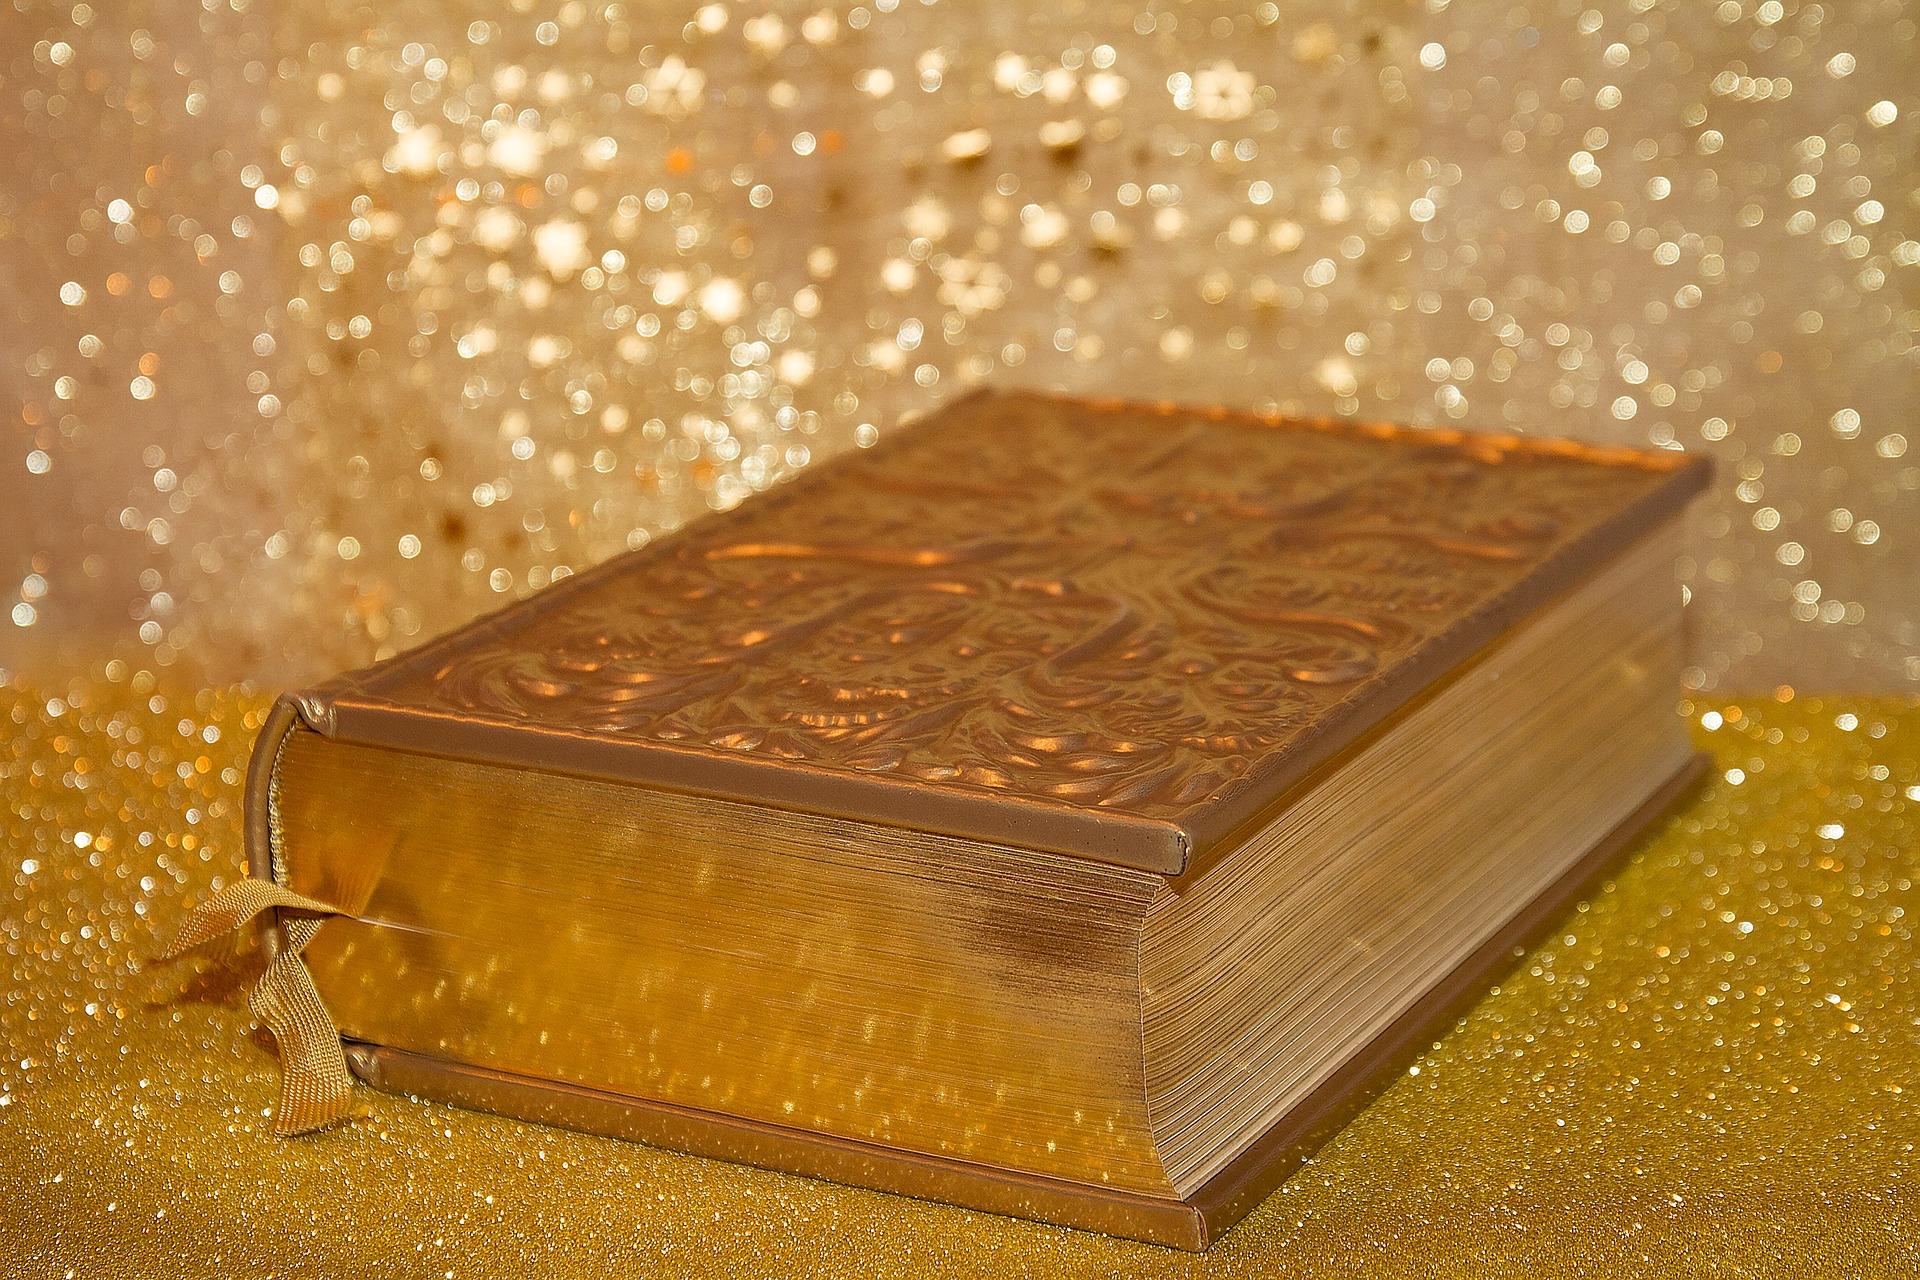 book-3005680_1920